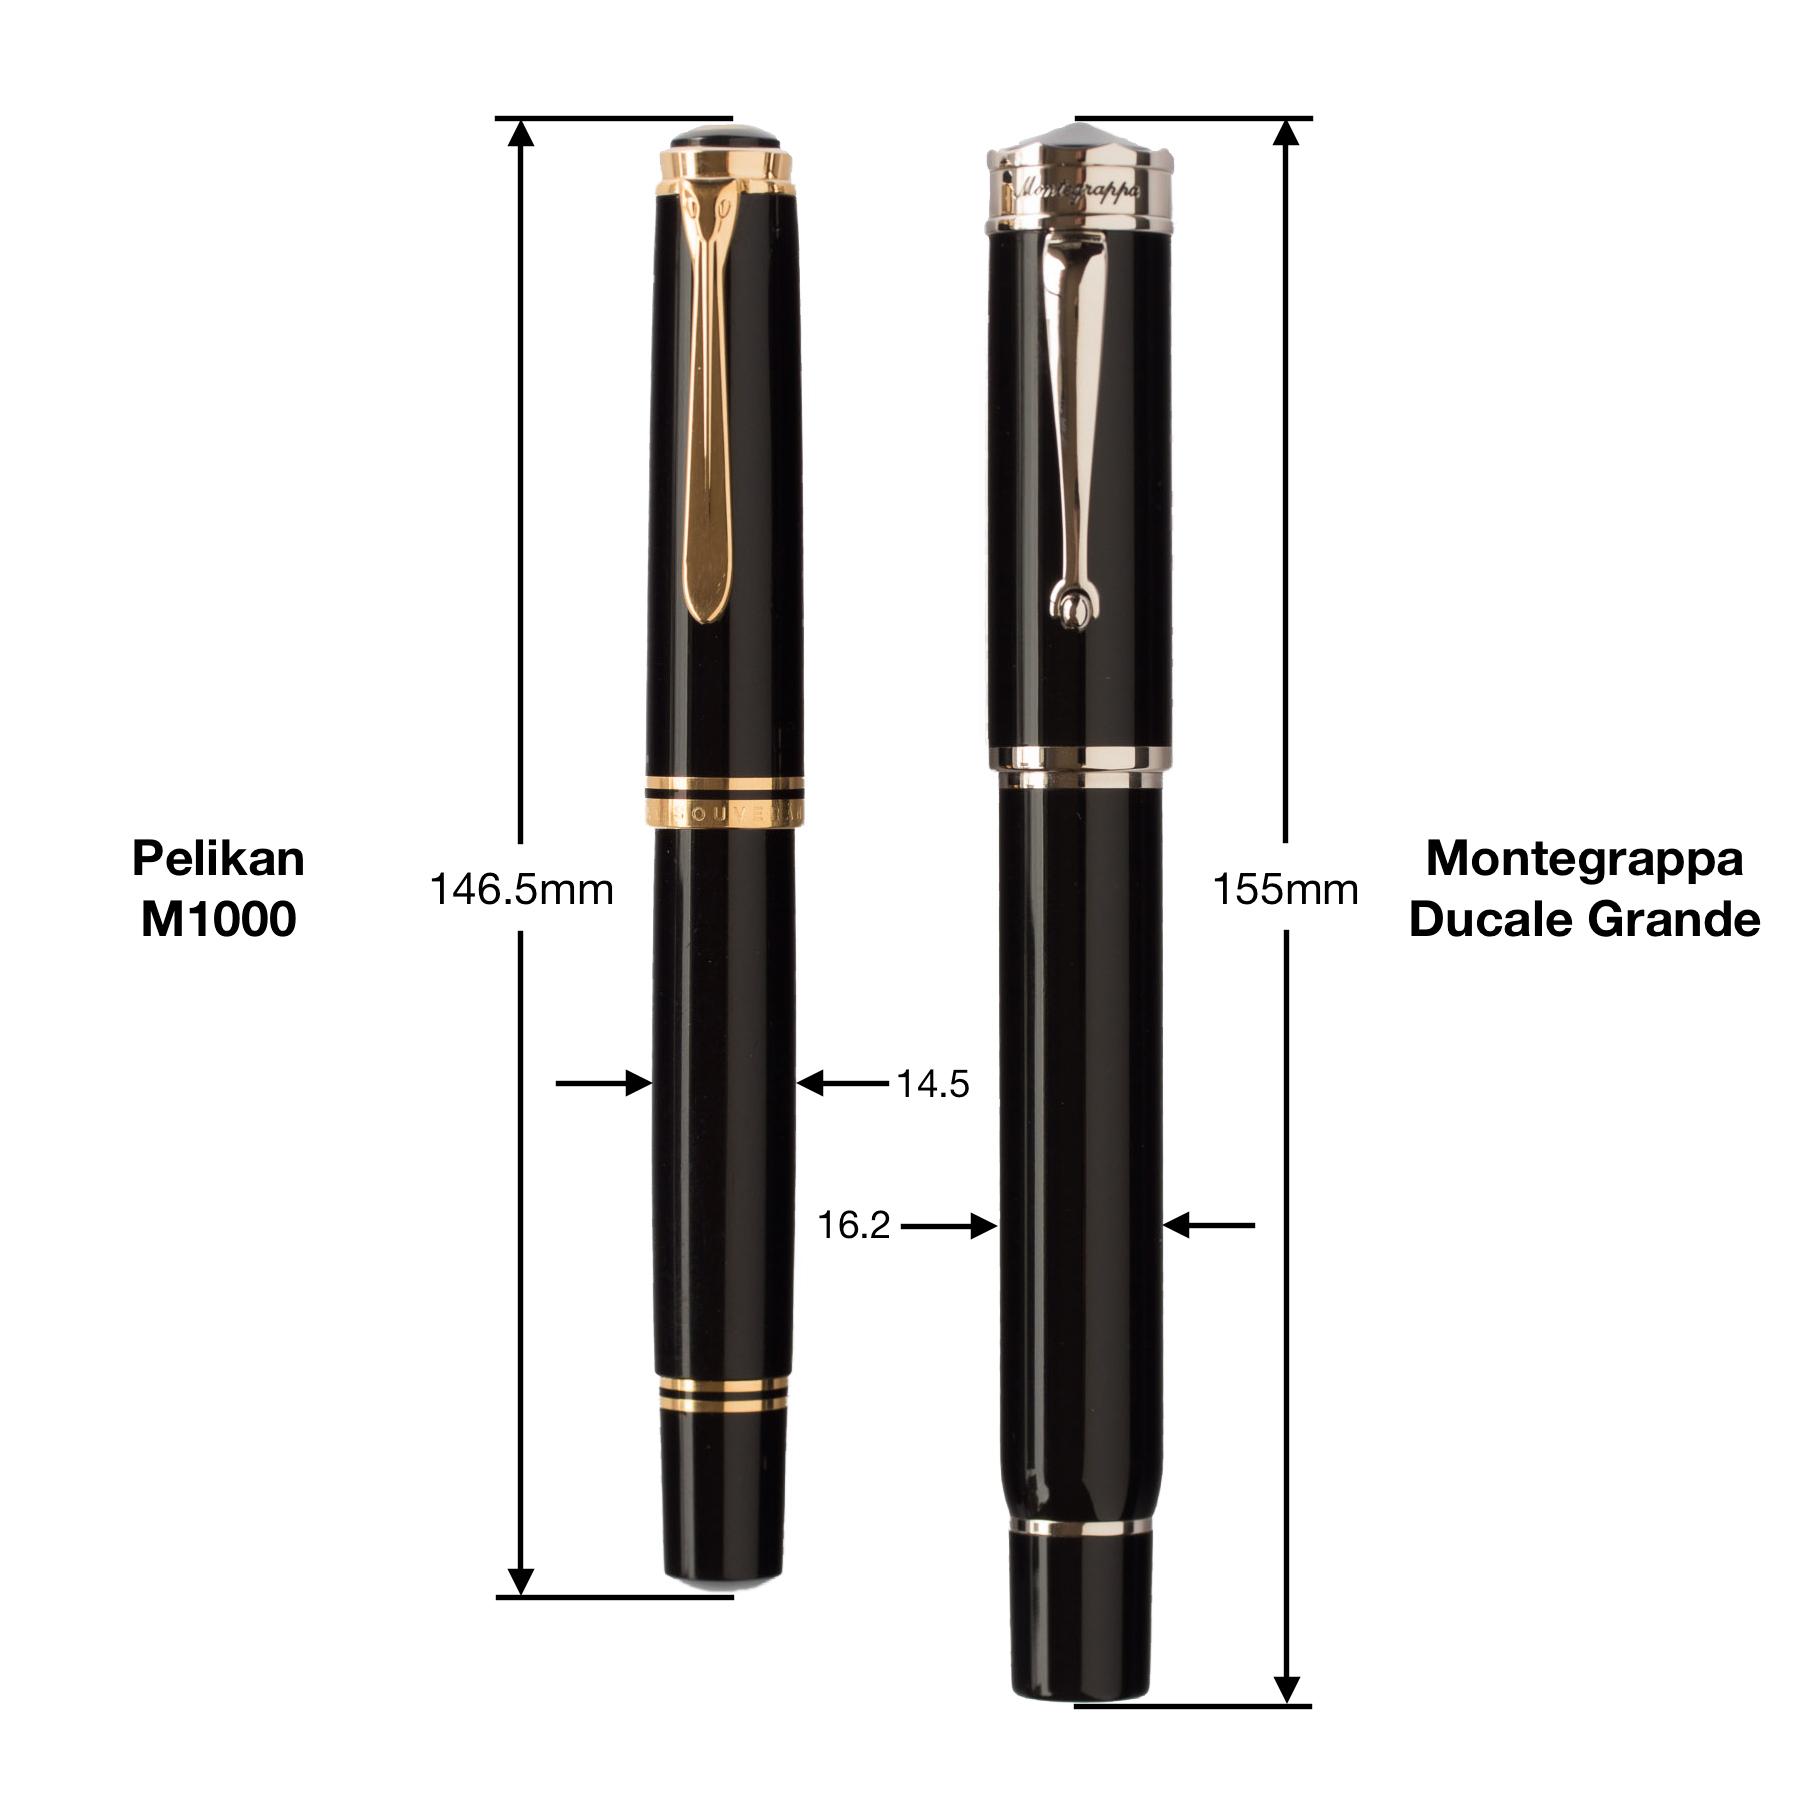 montegrappa_ducale_grande_fountain_pen-19